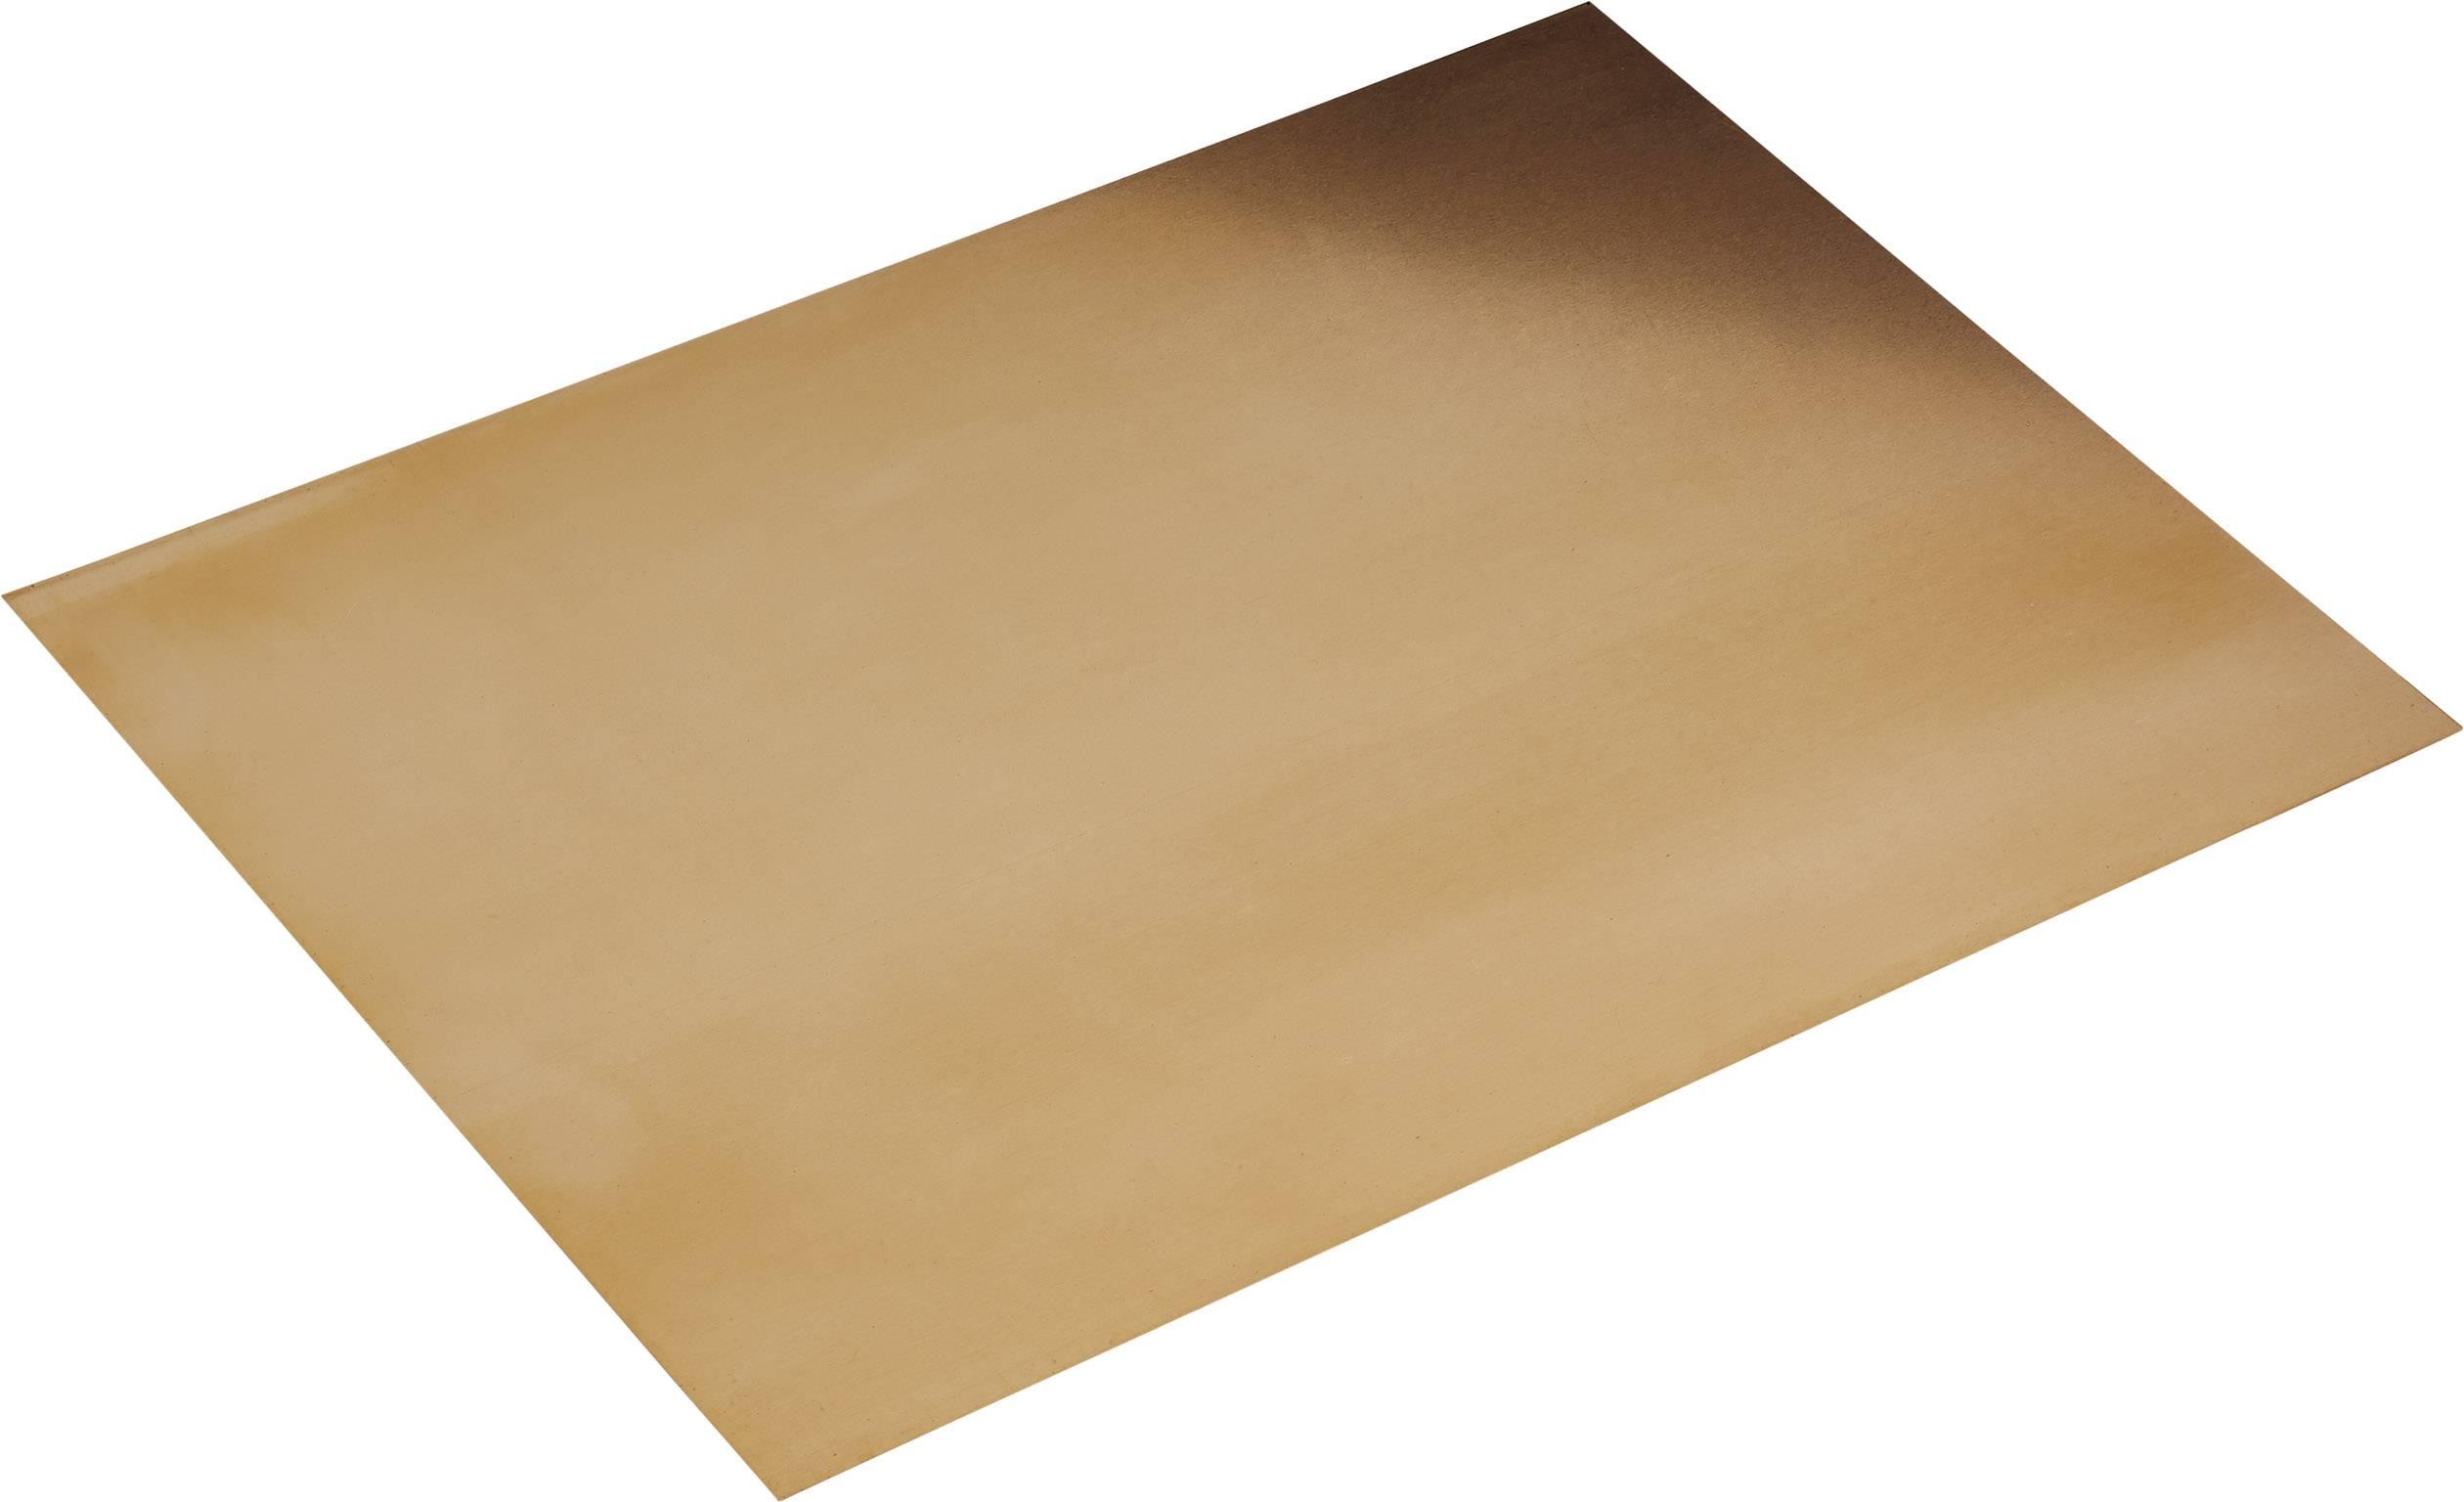 Fosforbronzová deska Modelcraft 200 x 150 x 1,0 mm